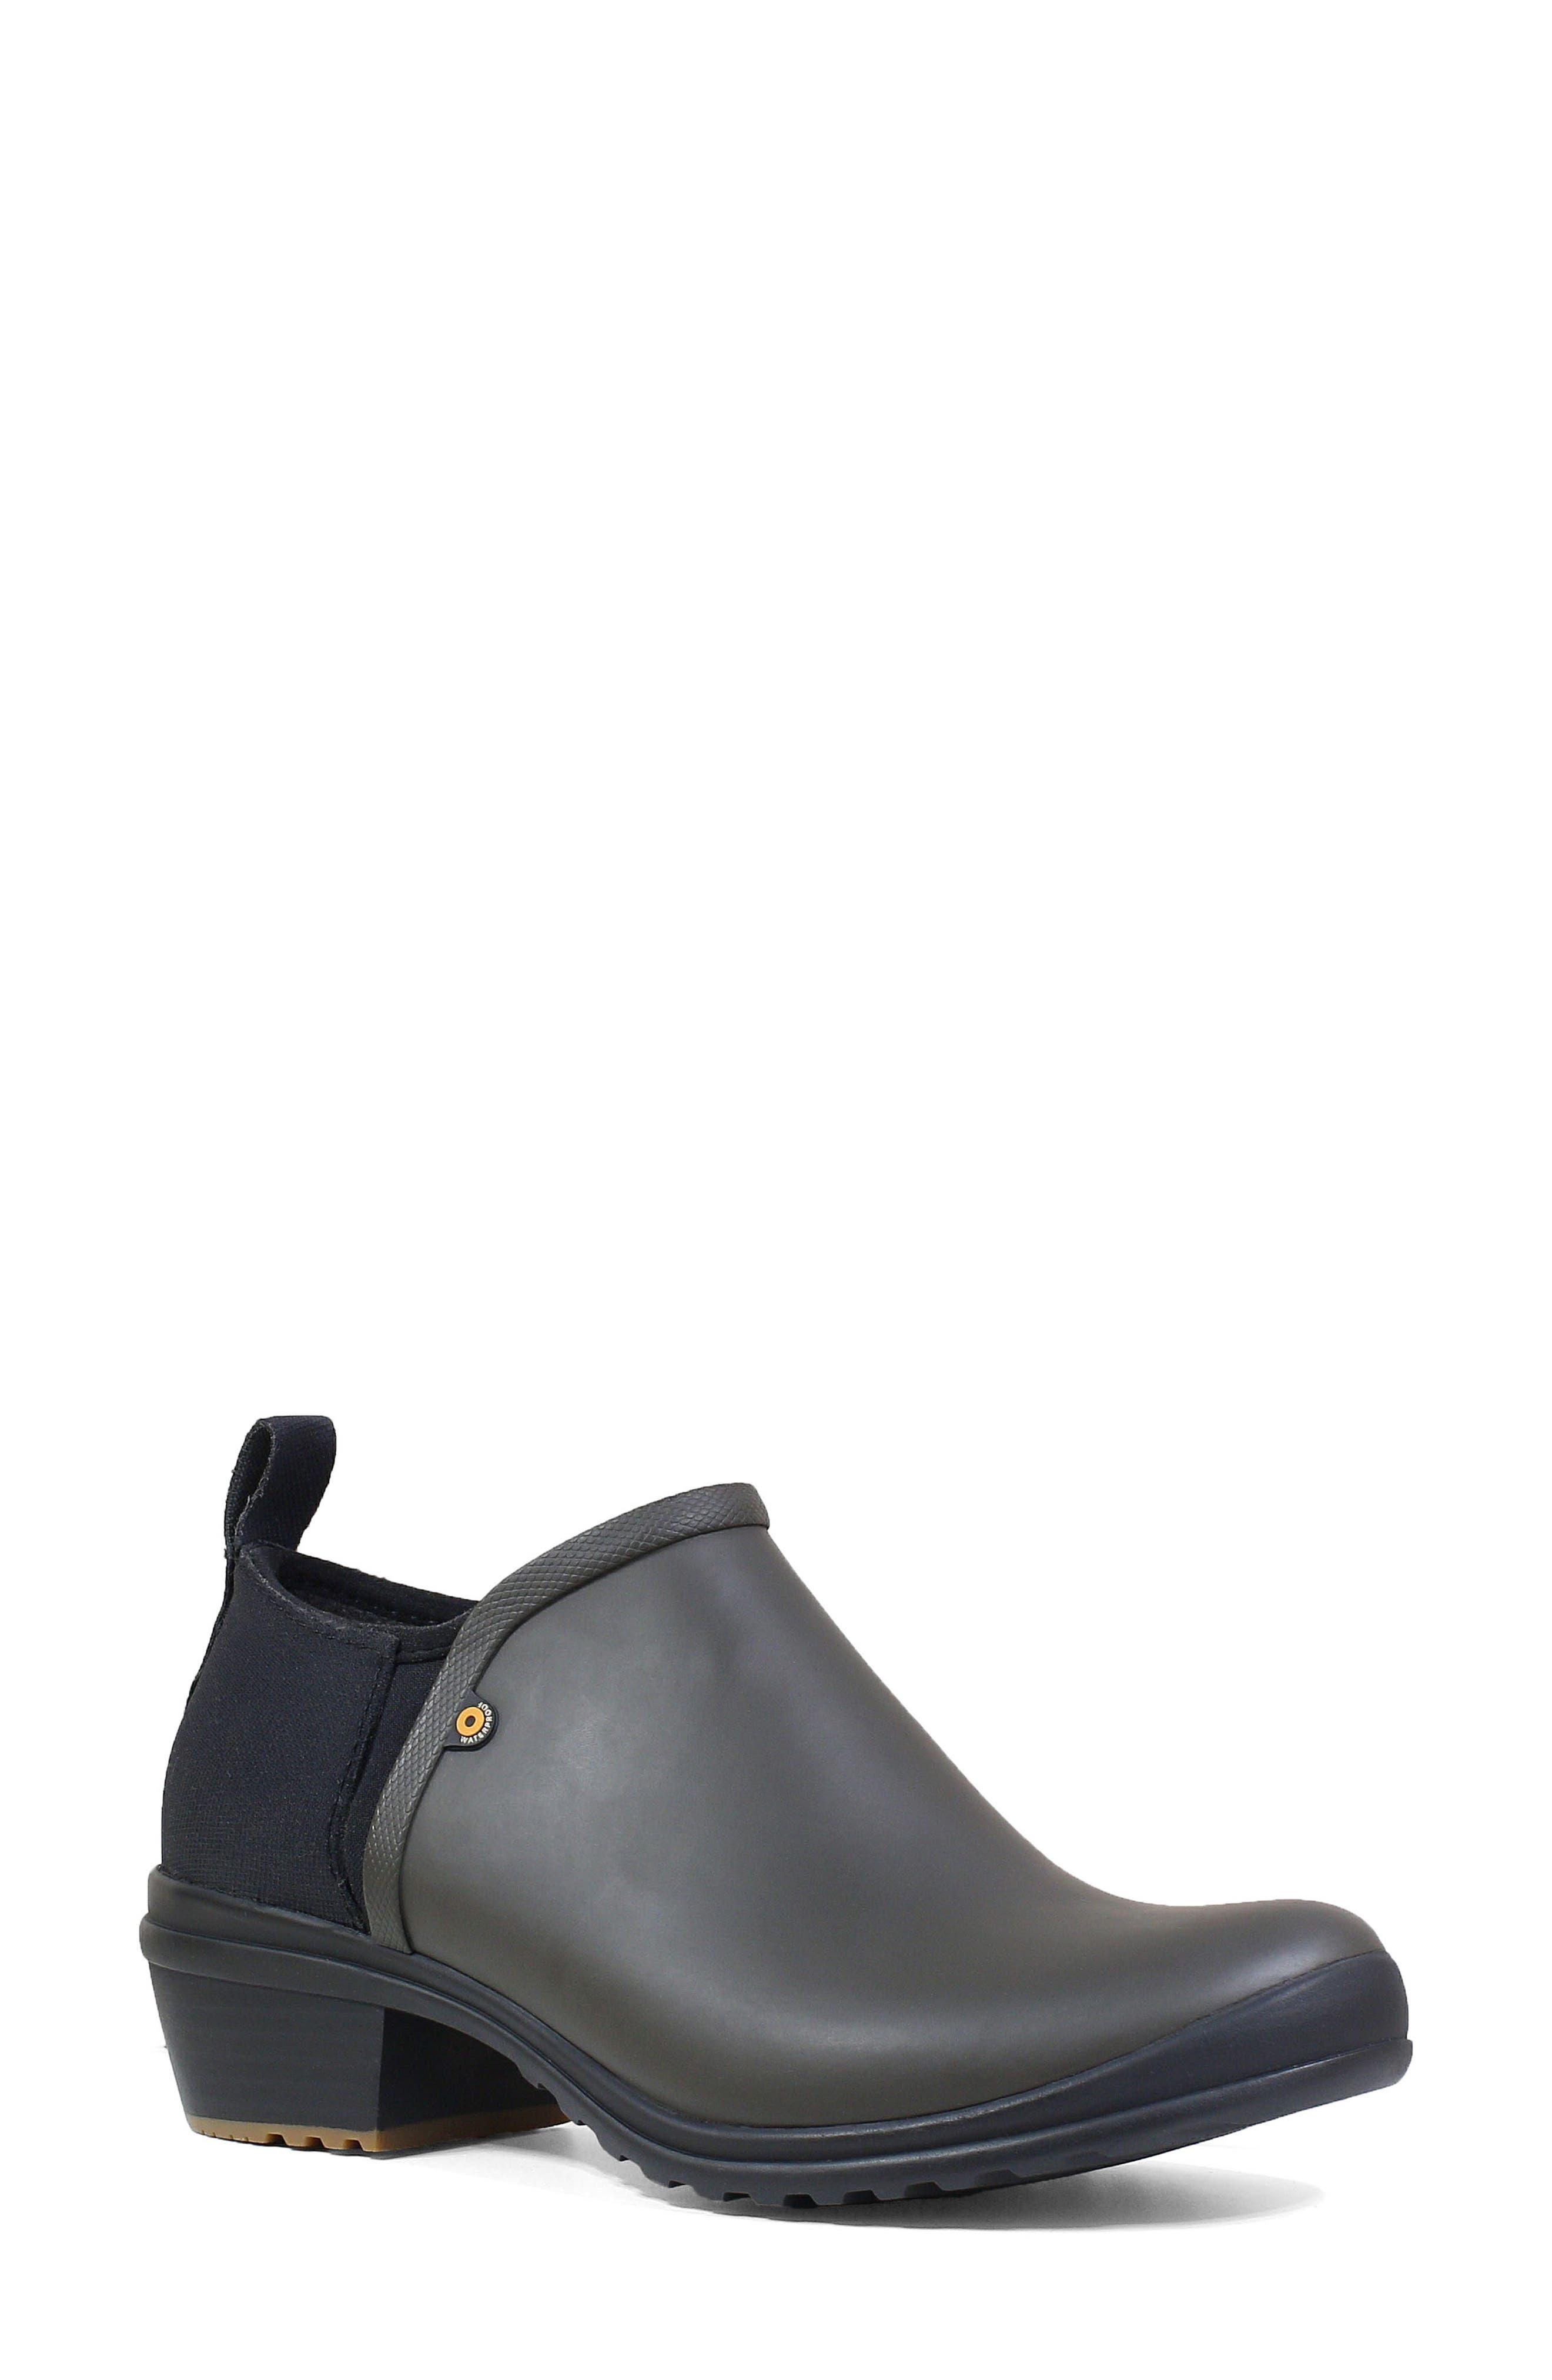 Bogs Vista Rain Ankle Waterproof Boot, Green